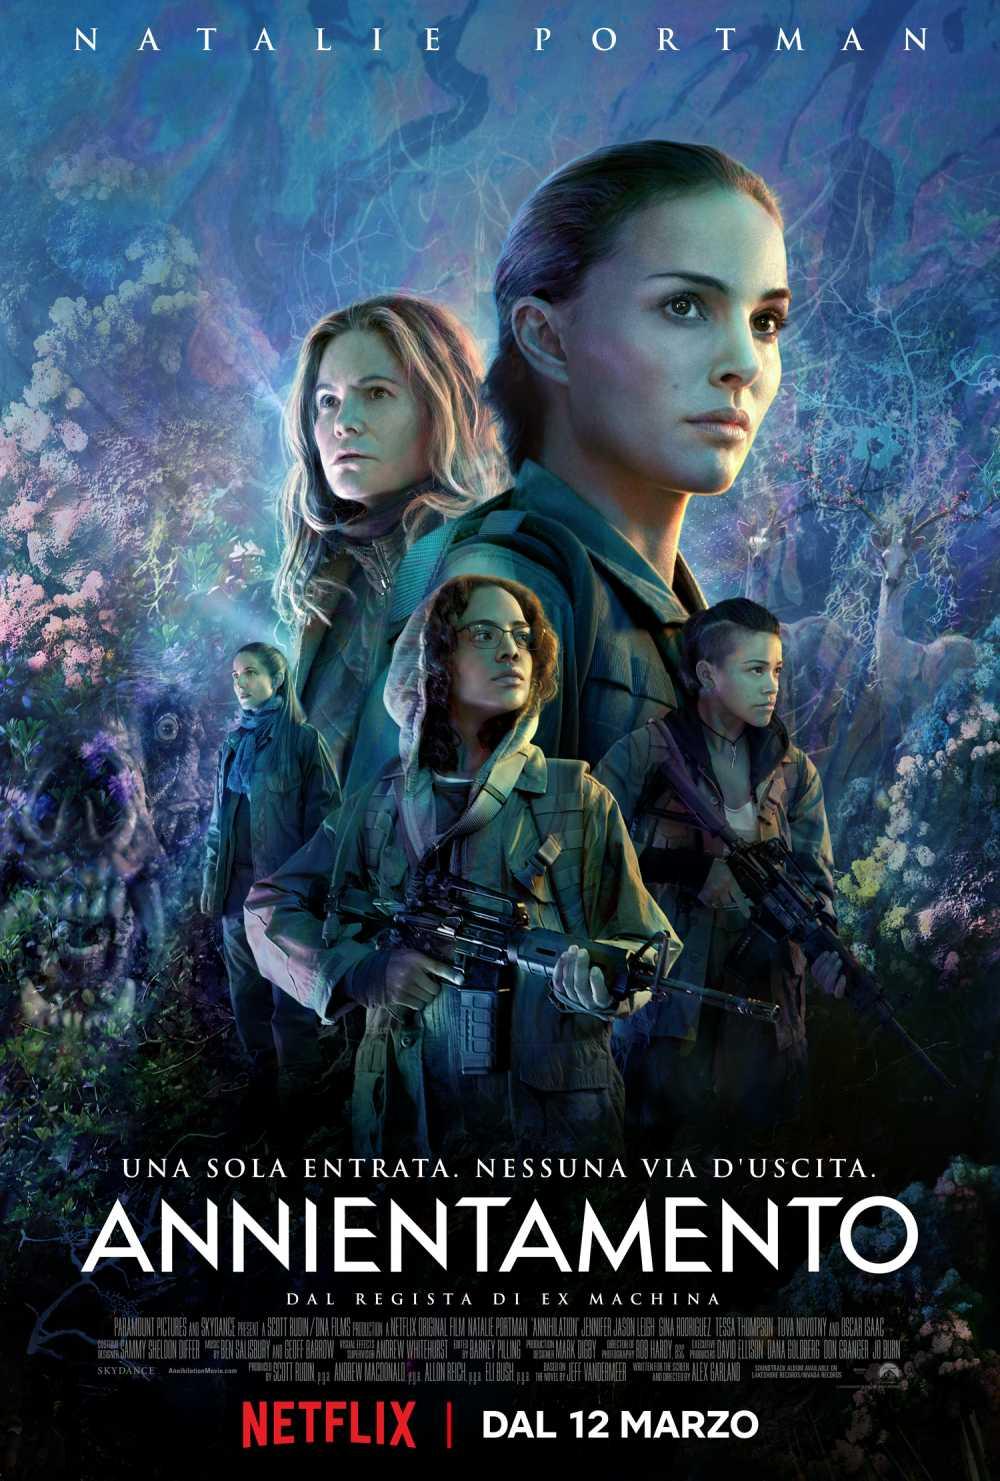 Annihilation - ANNIENTAMENTO